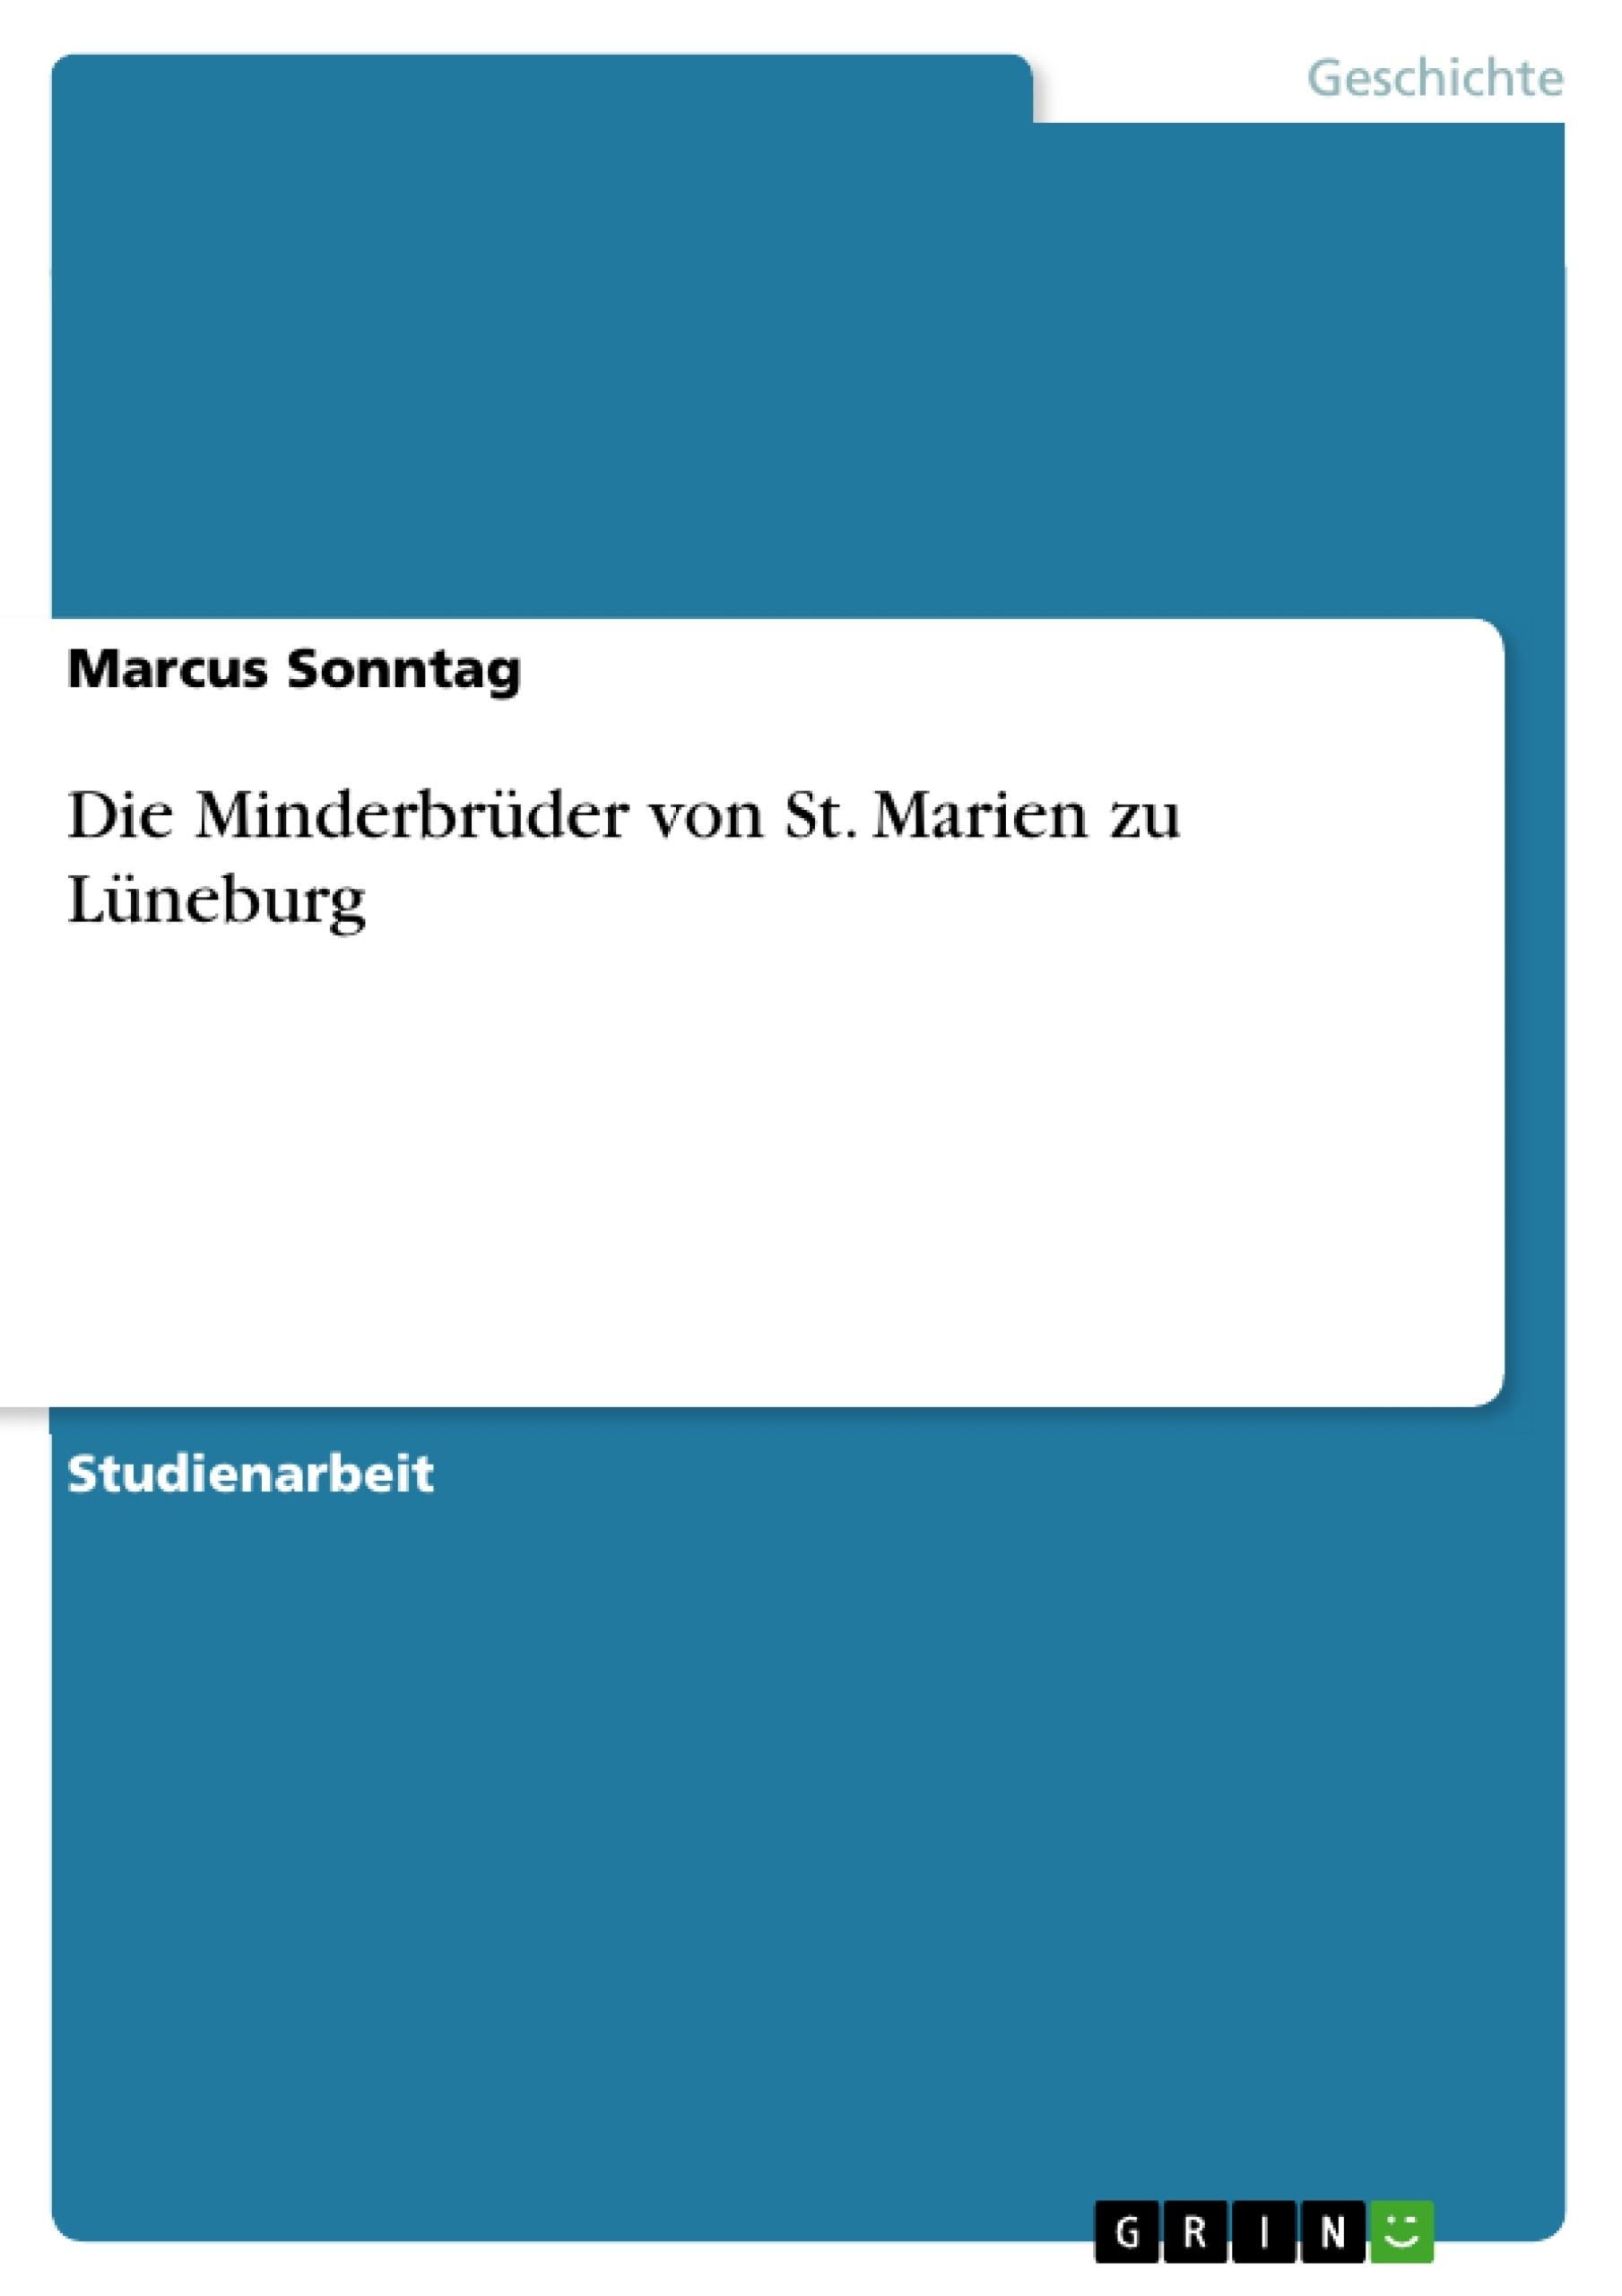 Titel: Die Minderbrüder von St. Marien zu Lüneburg